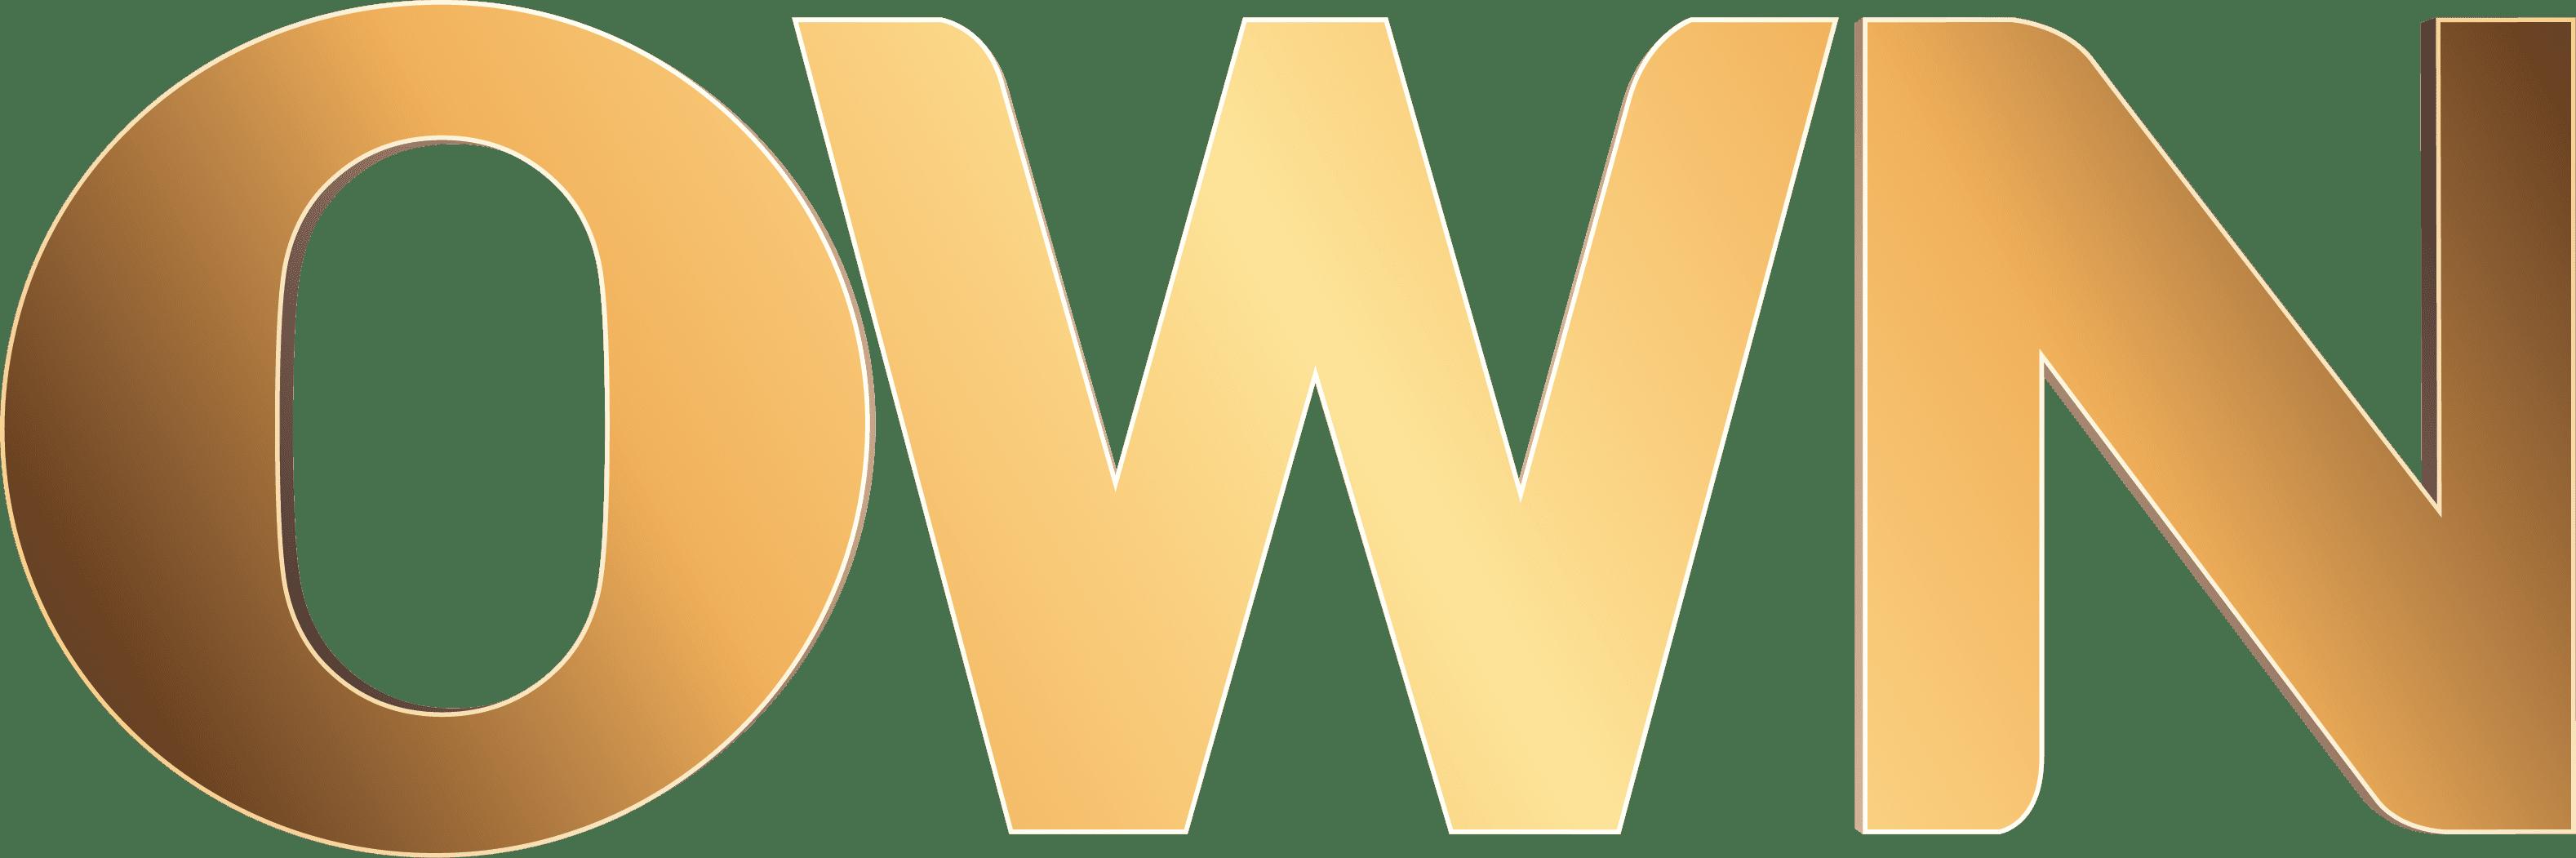 OWN - The Oprah Winfrey Network